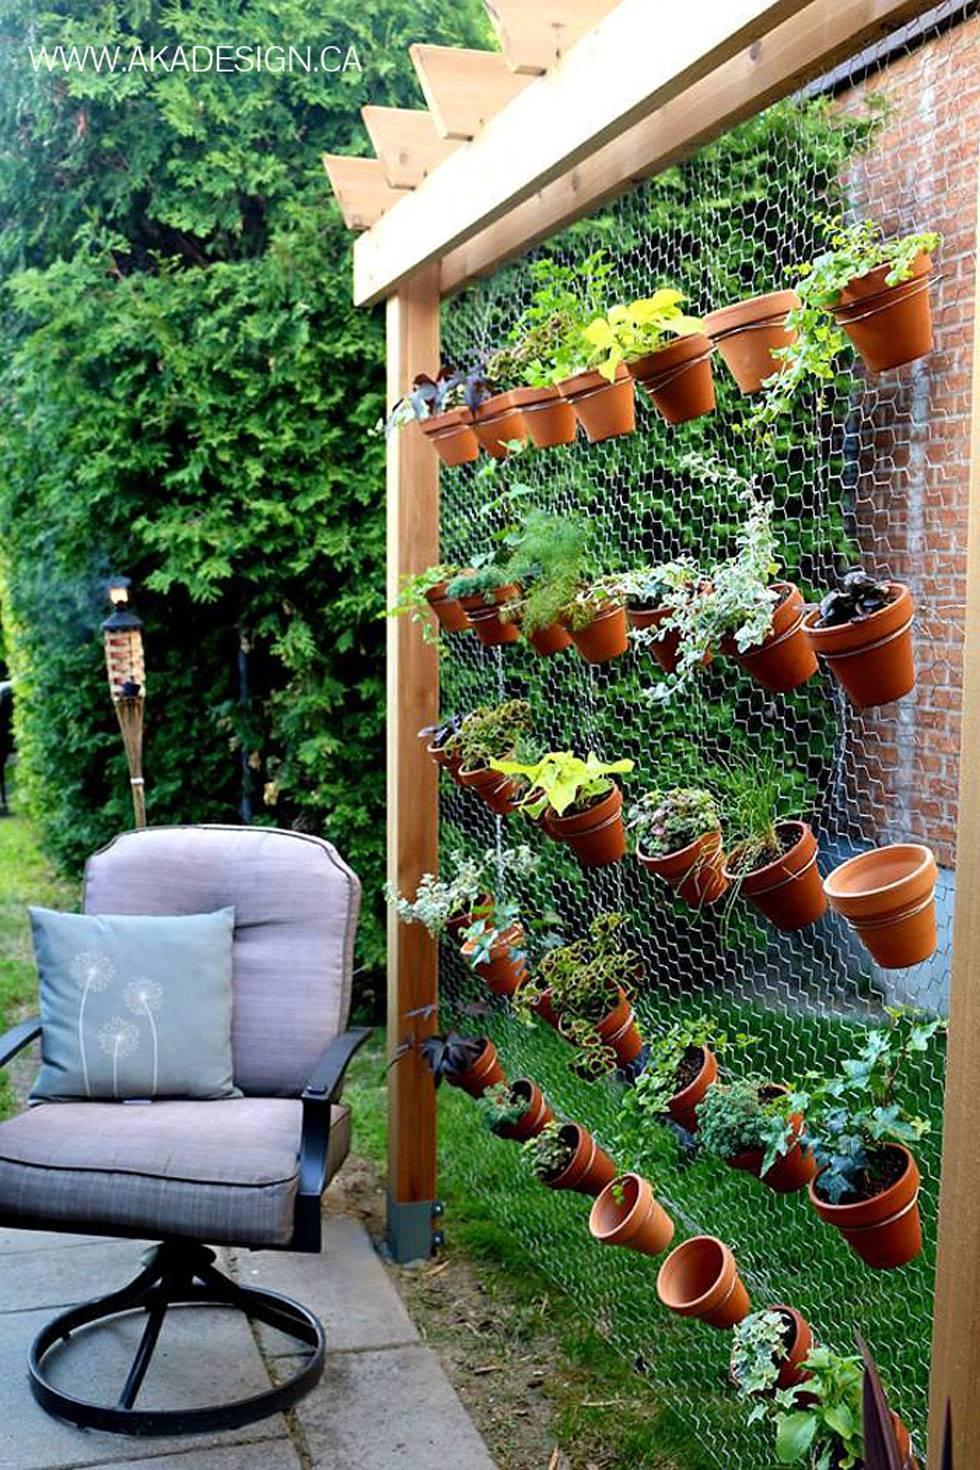 Inspiring Garden Wall Ideas Design 25 Incredible Diy Garden Fence Pertaining To Recent Diy Garden Wall Art (View 18 of 25)